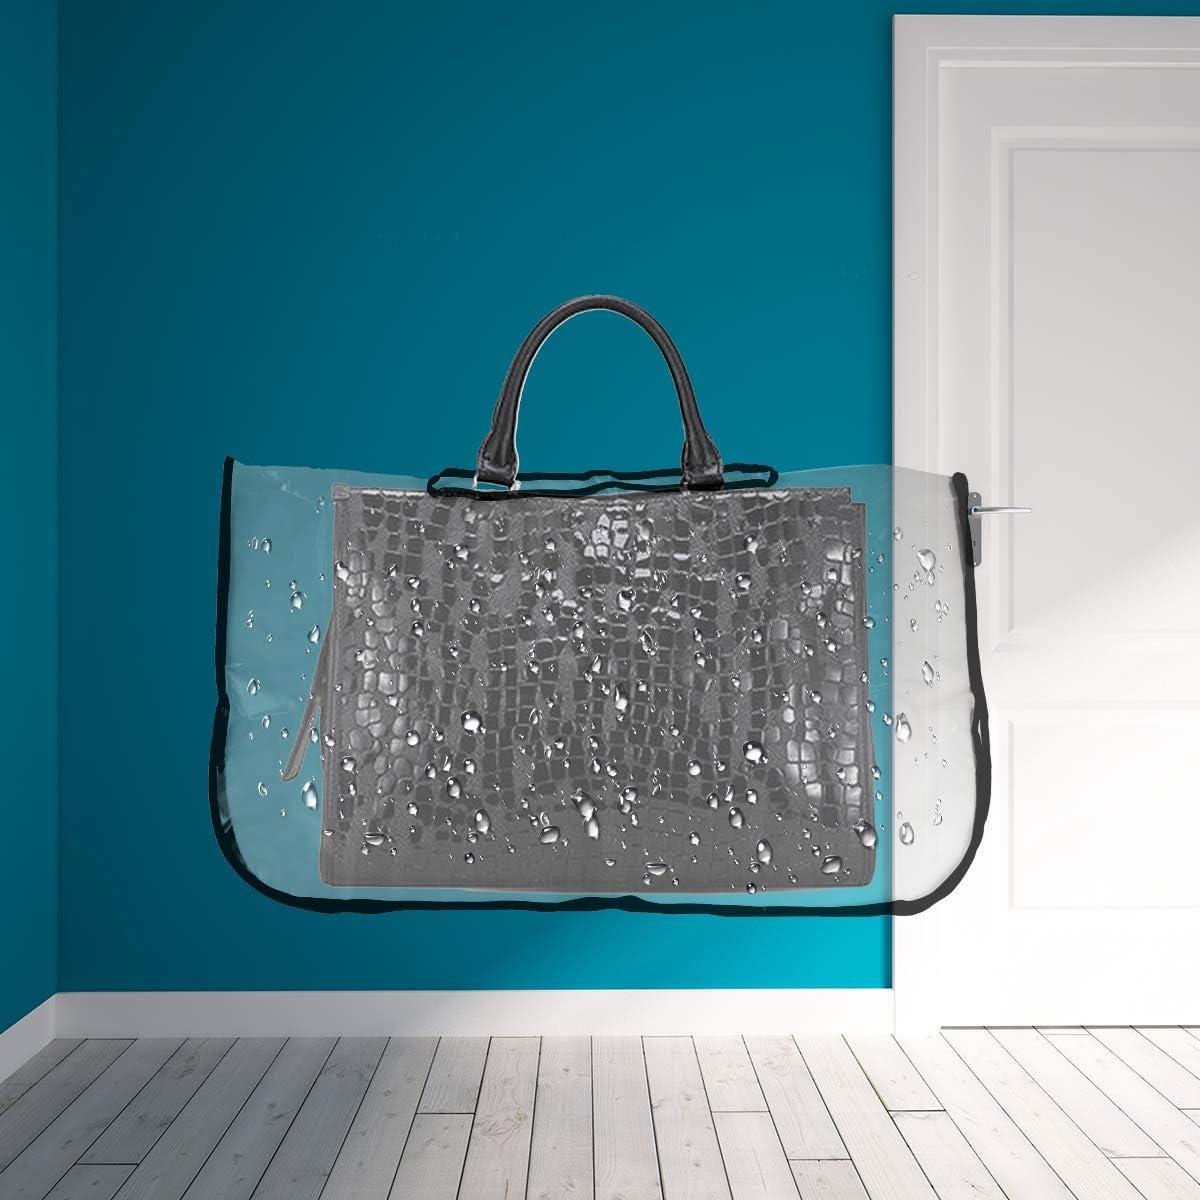 70 * 70cm VALICLUD EVA Transparent Bound Handbag rain Cover